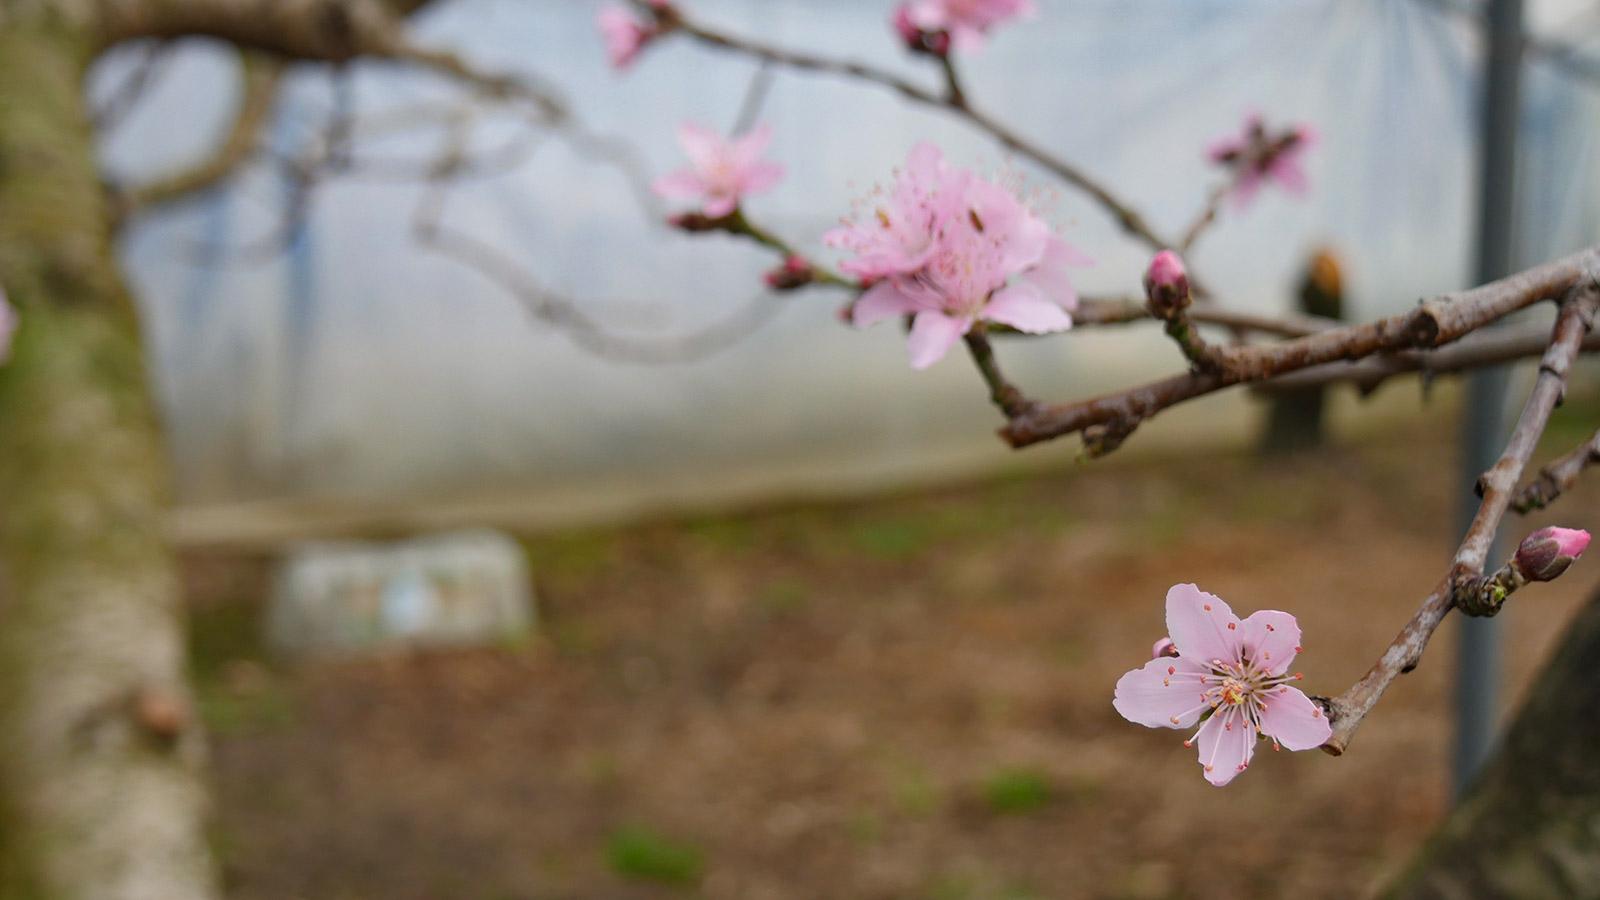 この品種は、花びらがやや小さいのが特徴ですかね。